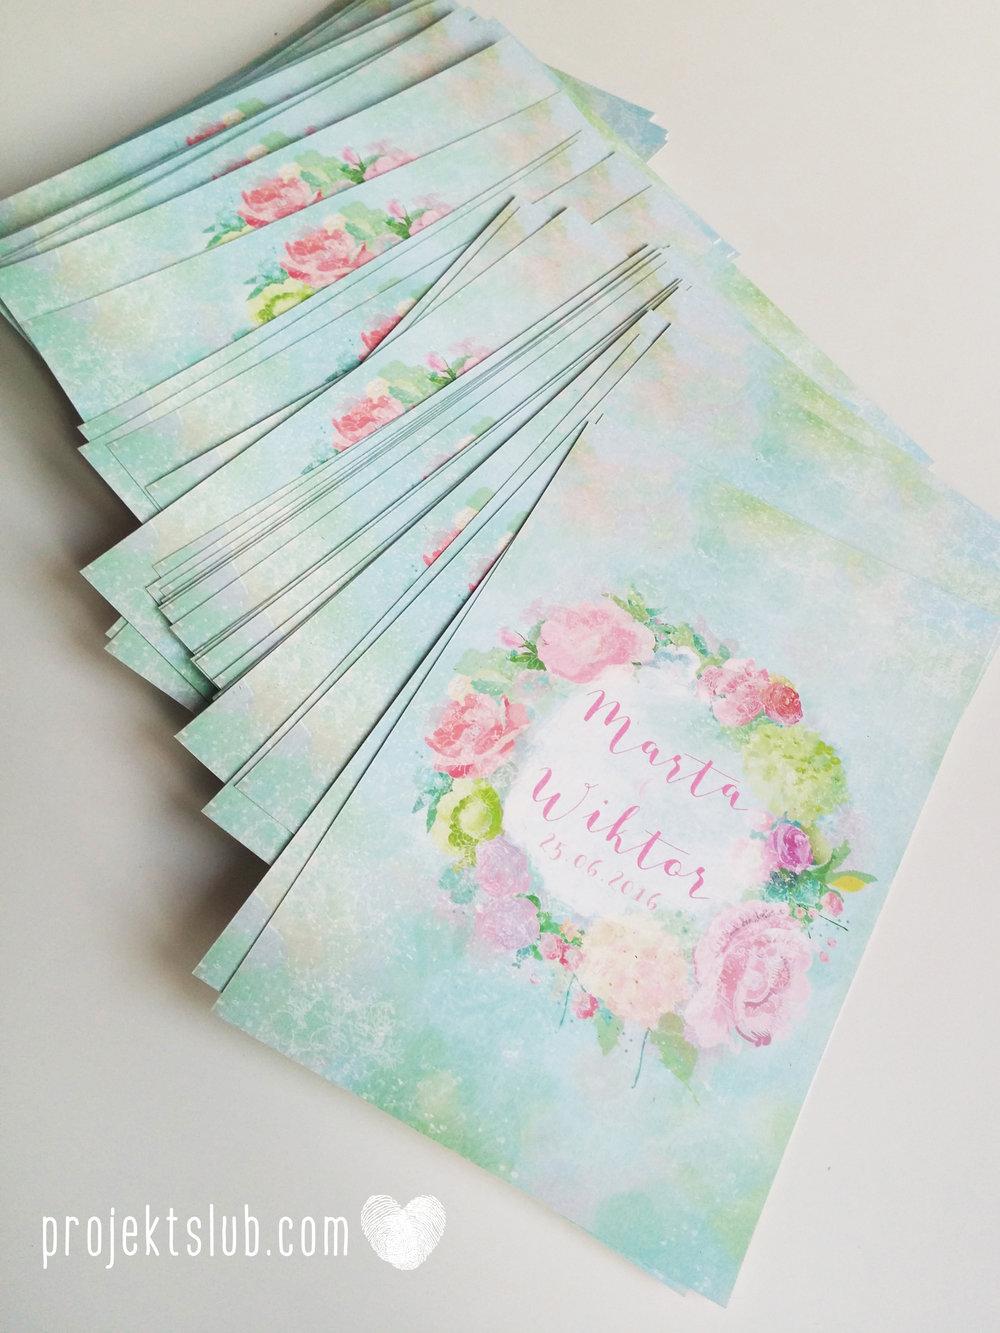 Zaproszenia ślubne oryginalne BOHO WIANEK vintage błękit pastele kwiaty romantyczne rustykalne oryginalny Projekt Ślub mięta (1).jpg